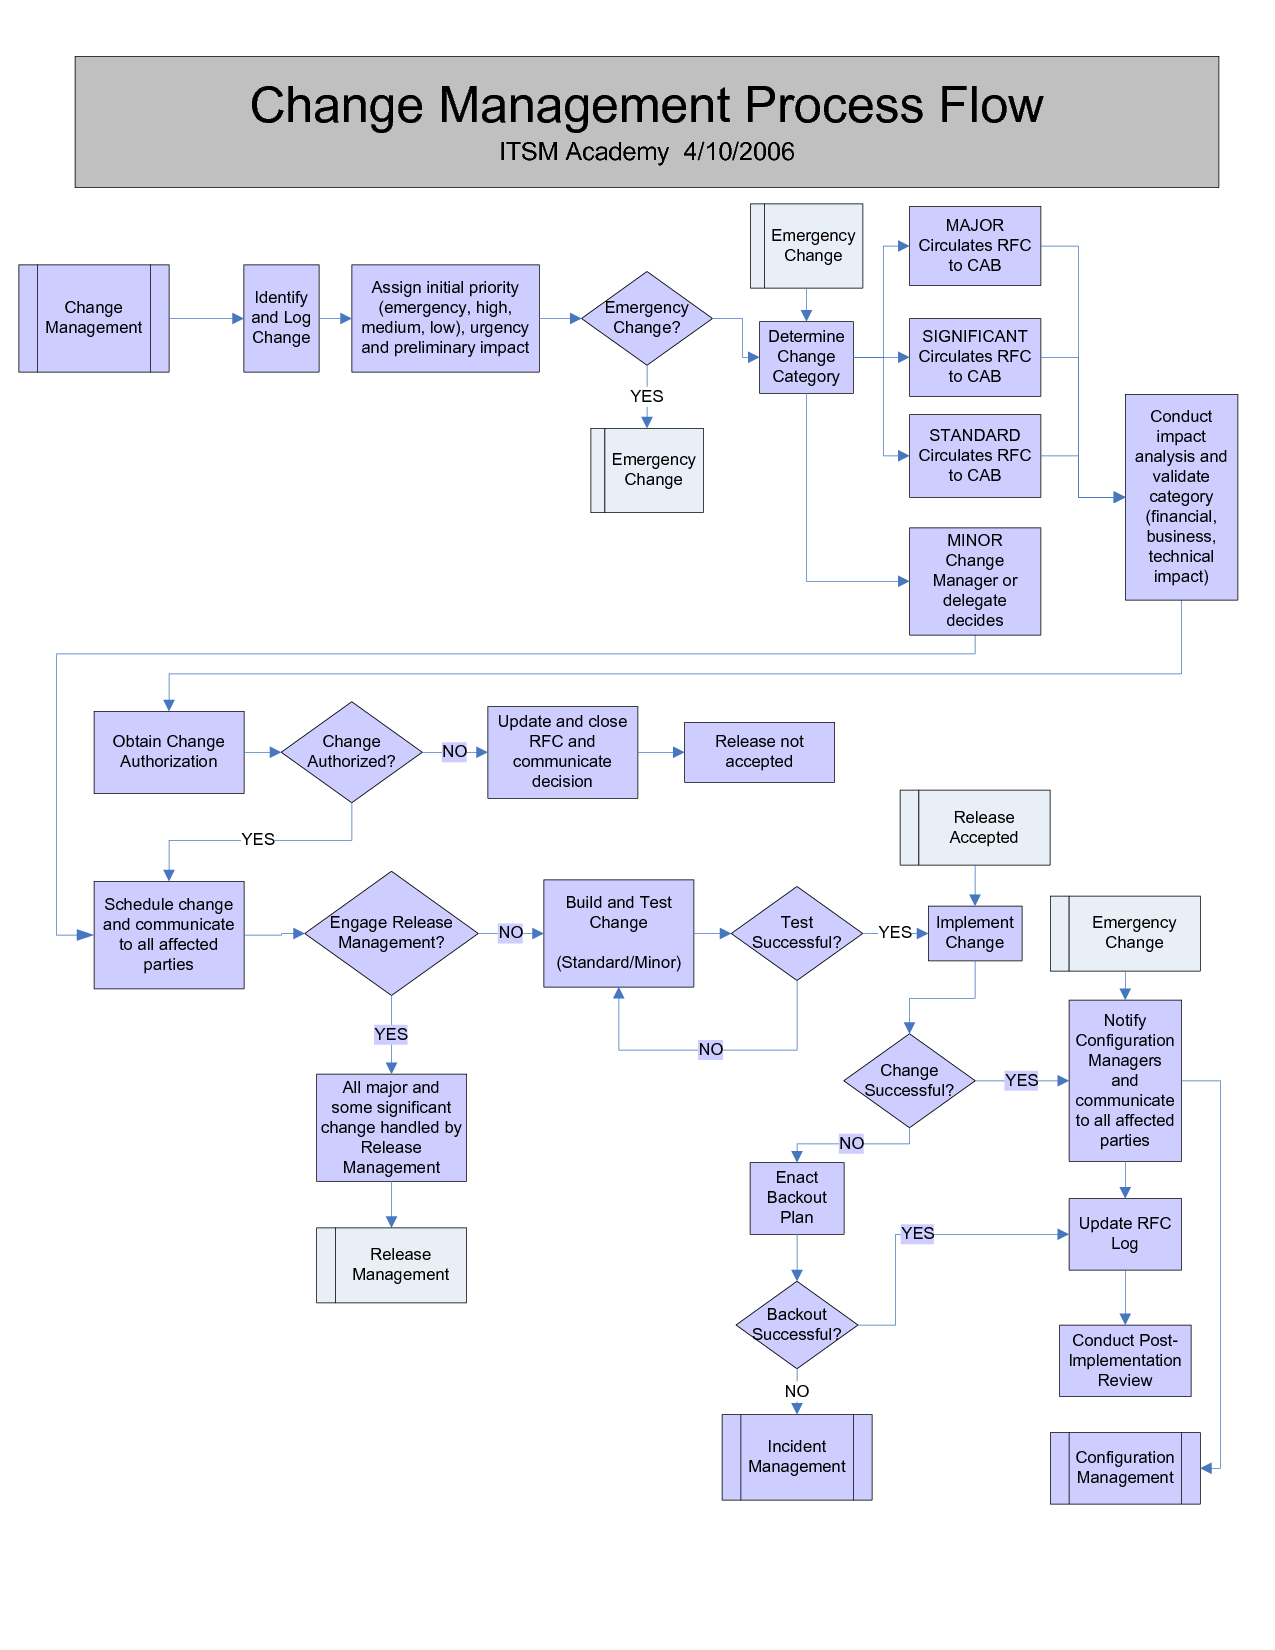 Change Management process flow | Change Management